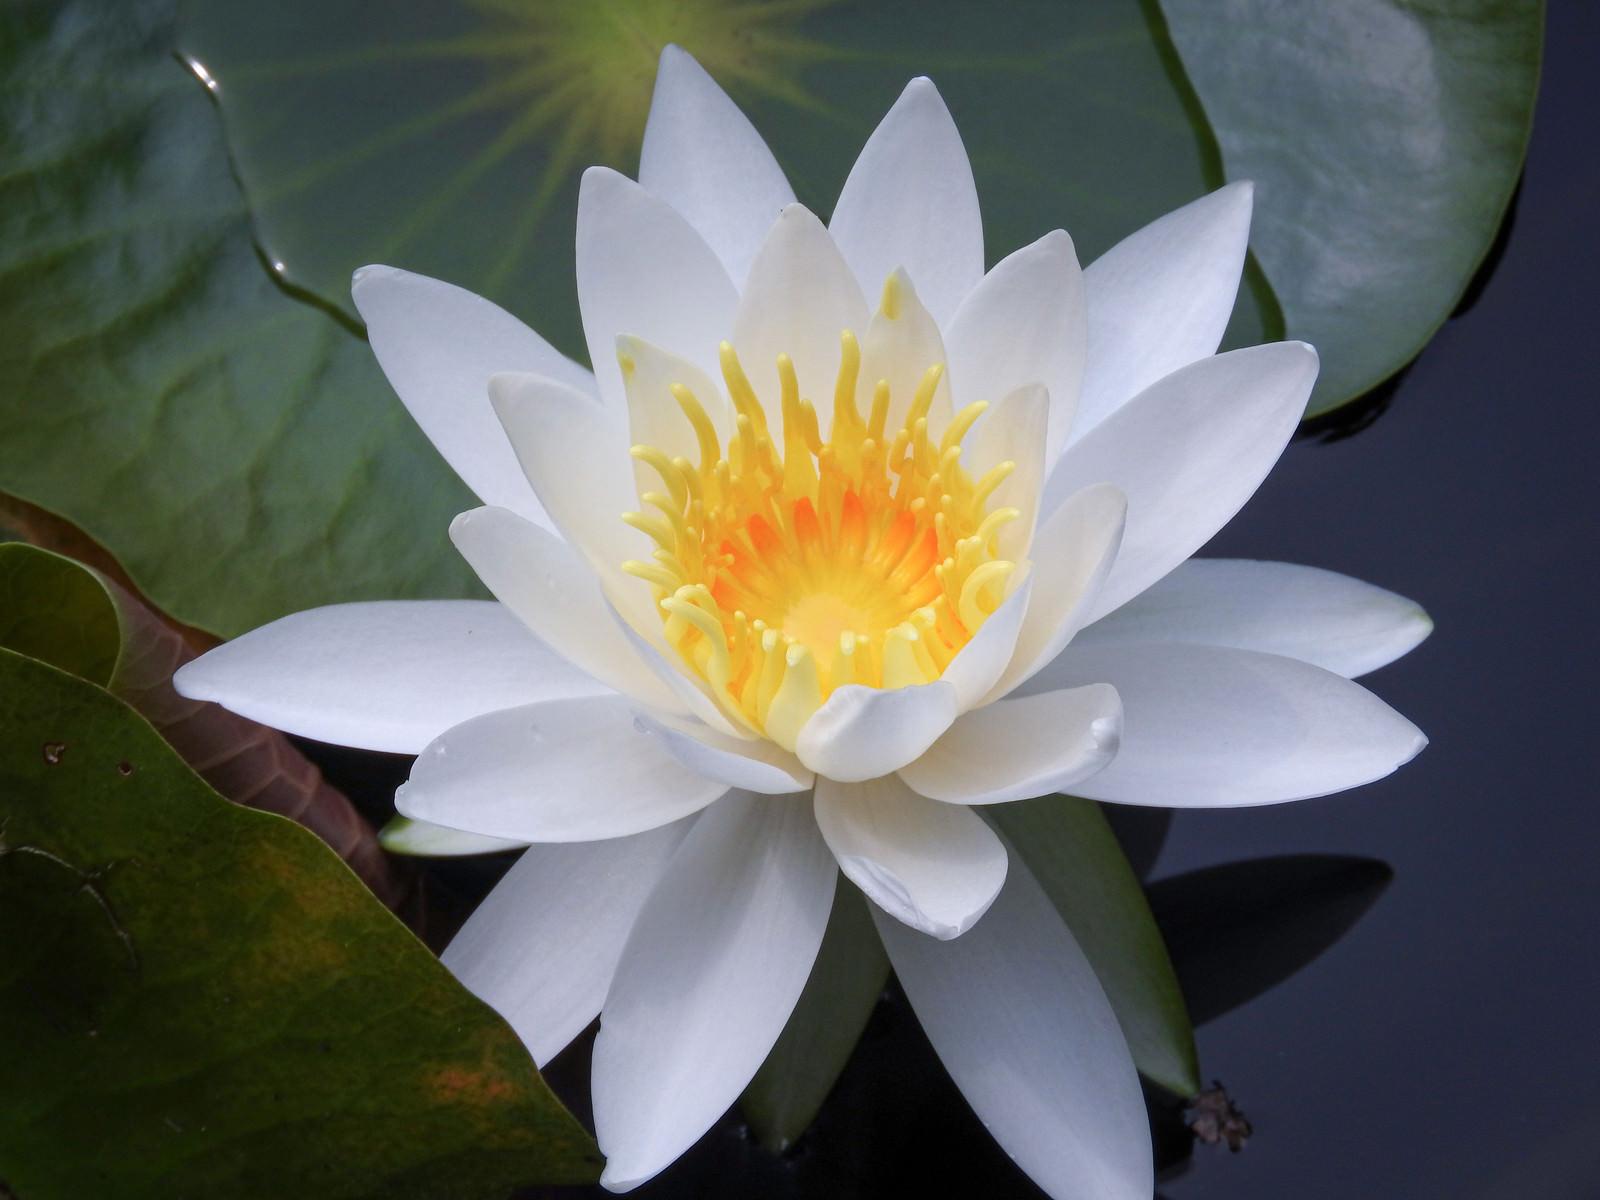 「睡蓮の花(スイレン)」の写真